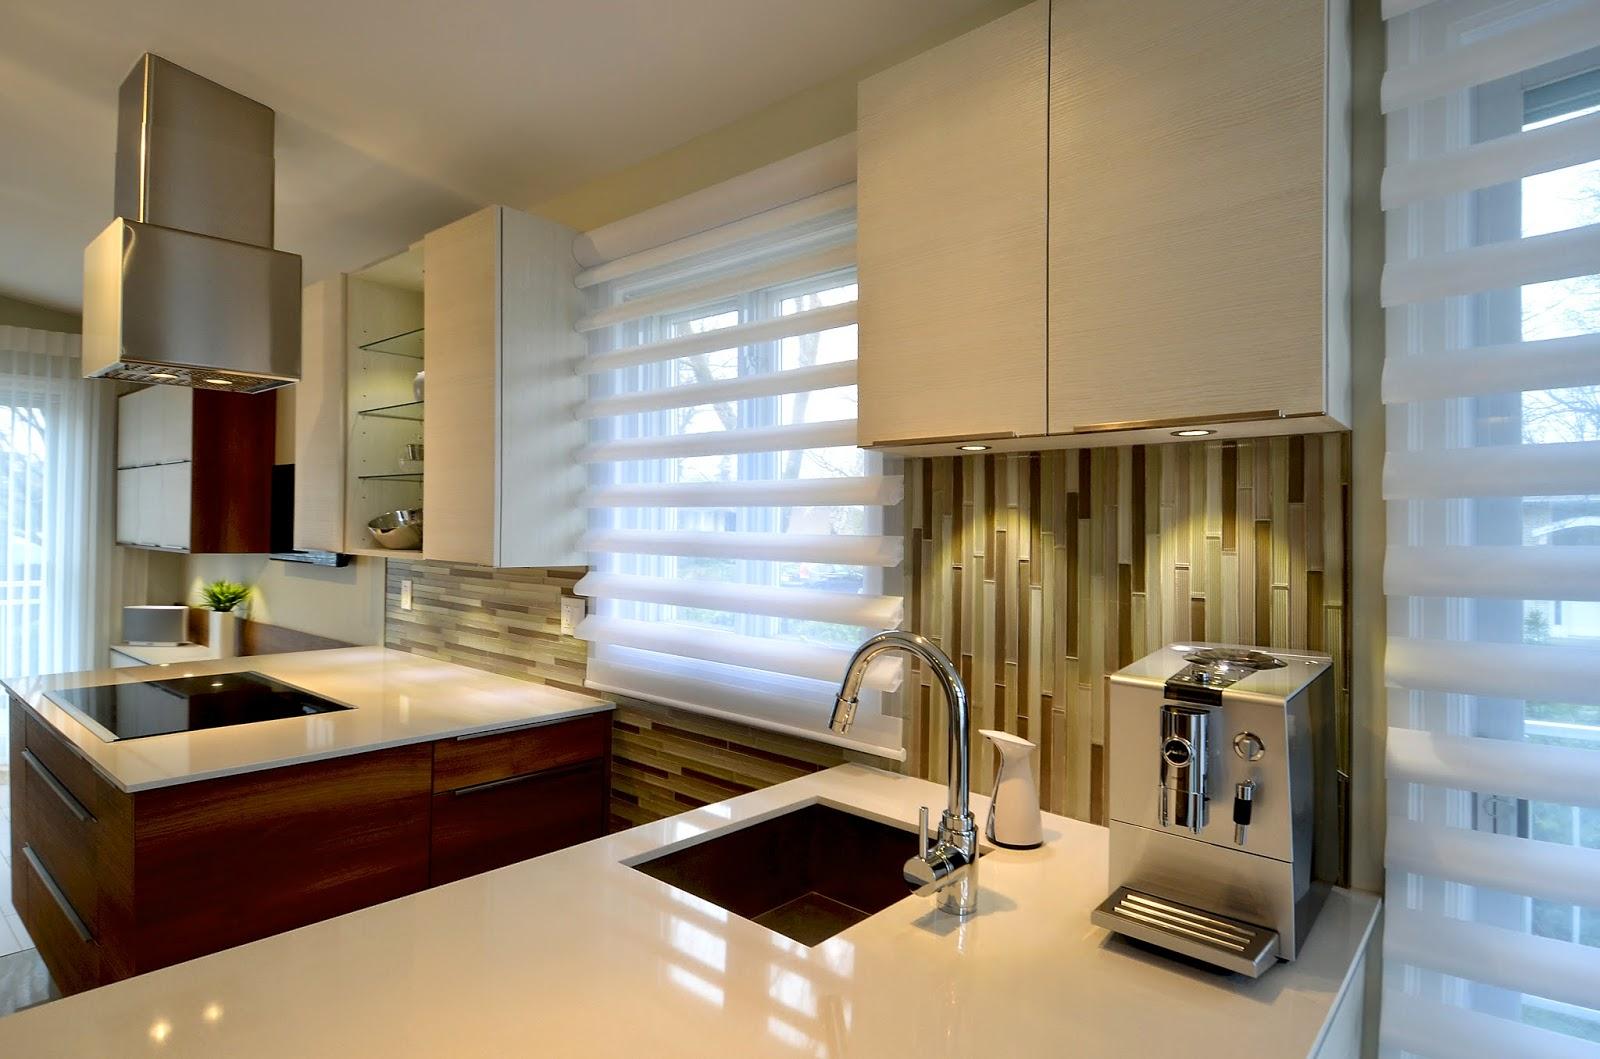 L 39 espace d co avant apr s la cuisine au centre d 39 une - Salon cuisine aire ouverte ...